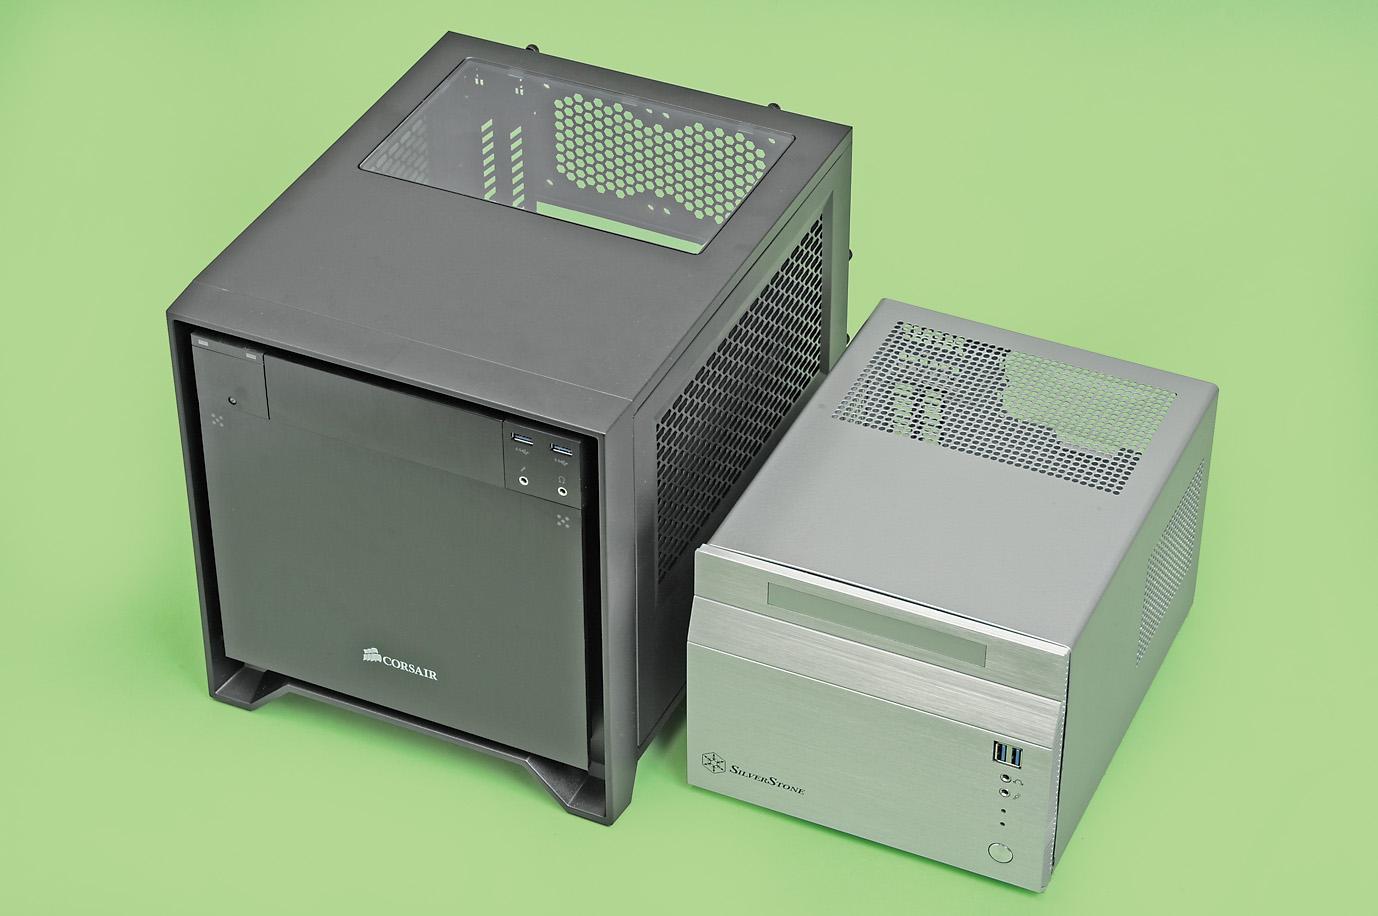 Mini-ITXマザーボードのサイズは規定されているが、対応ケースのサイズは自由だ。逆説的だが、サイズにこだわり過ぎないのが小型PC自作を楽しむ秘訣だ